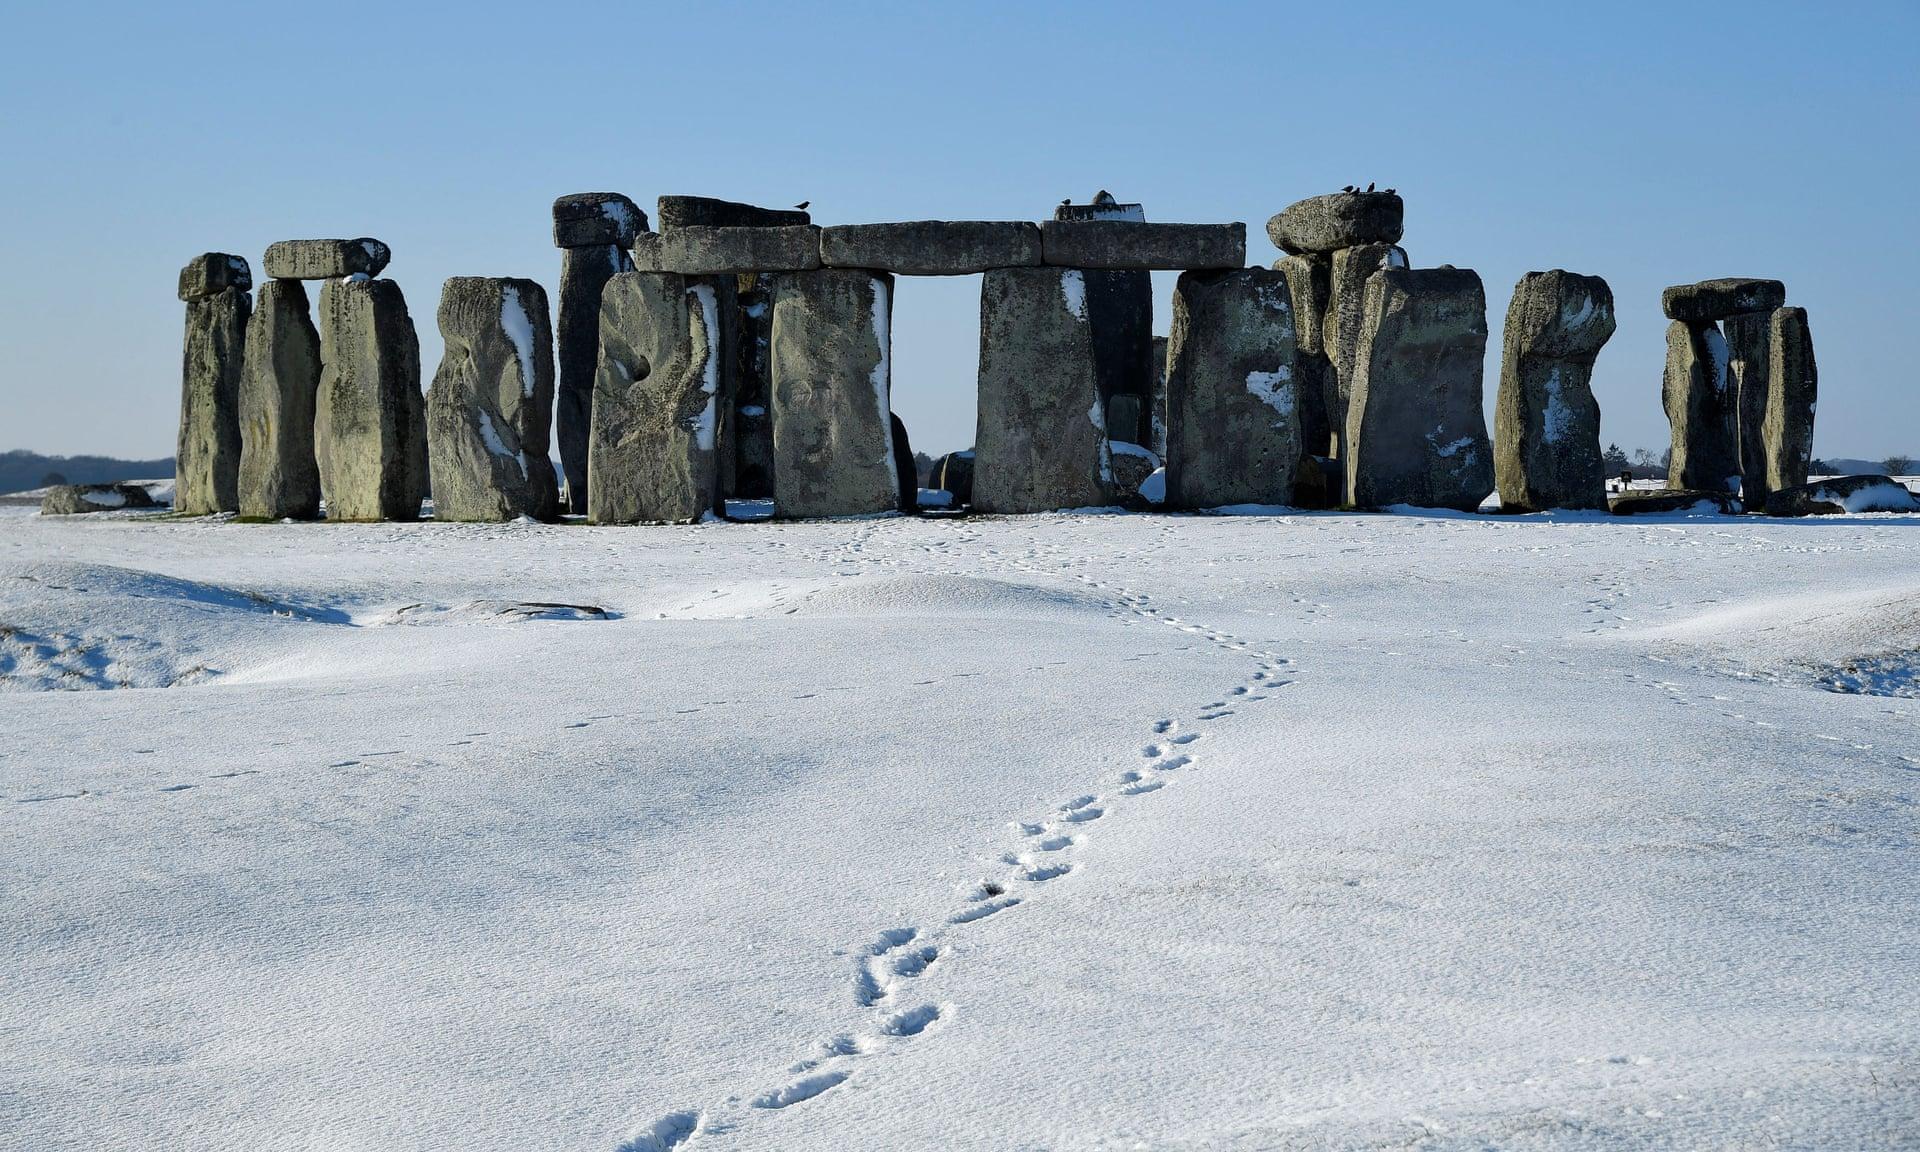 По словам исследователей, открытие двух монолитных карьеров опровергает гипотезу о том, что голубоватые колонны Стоунхенджа были доставлены из Уэльса в Уилтшир морем. Фото: Тоби Мелвилл / Reuters